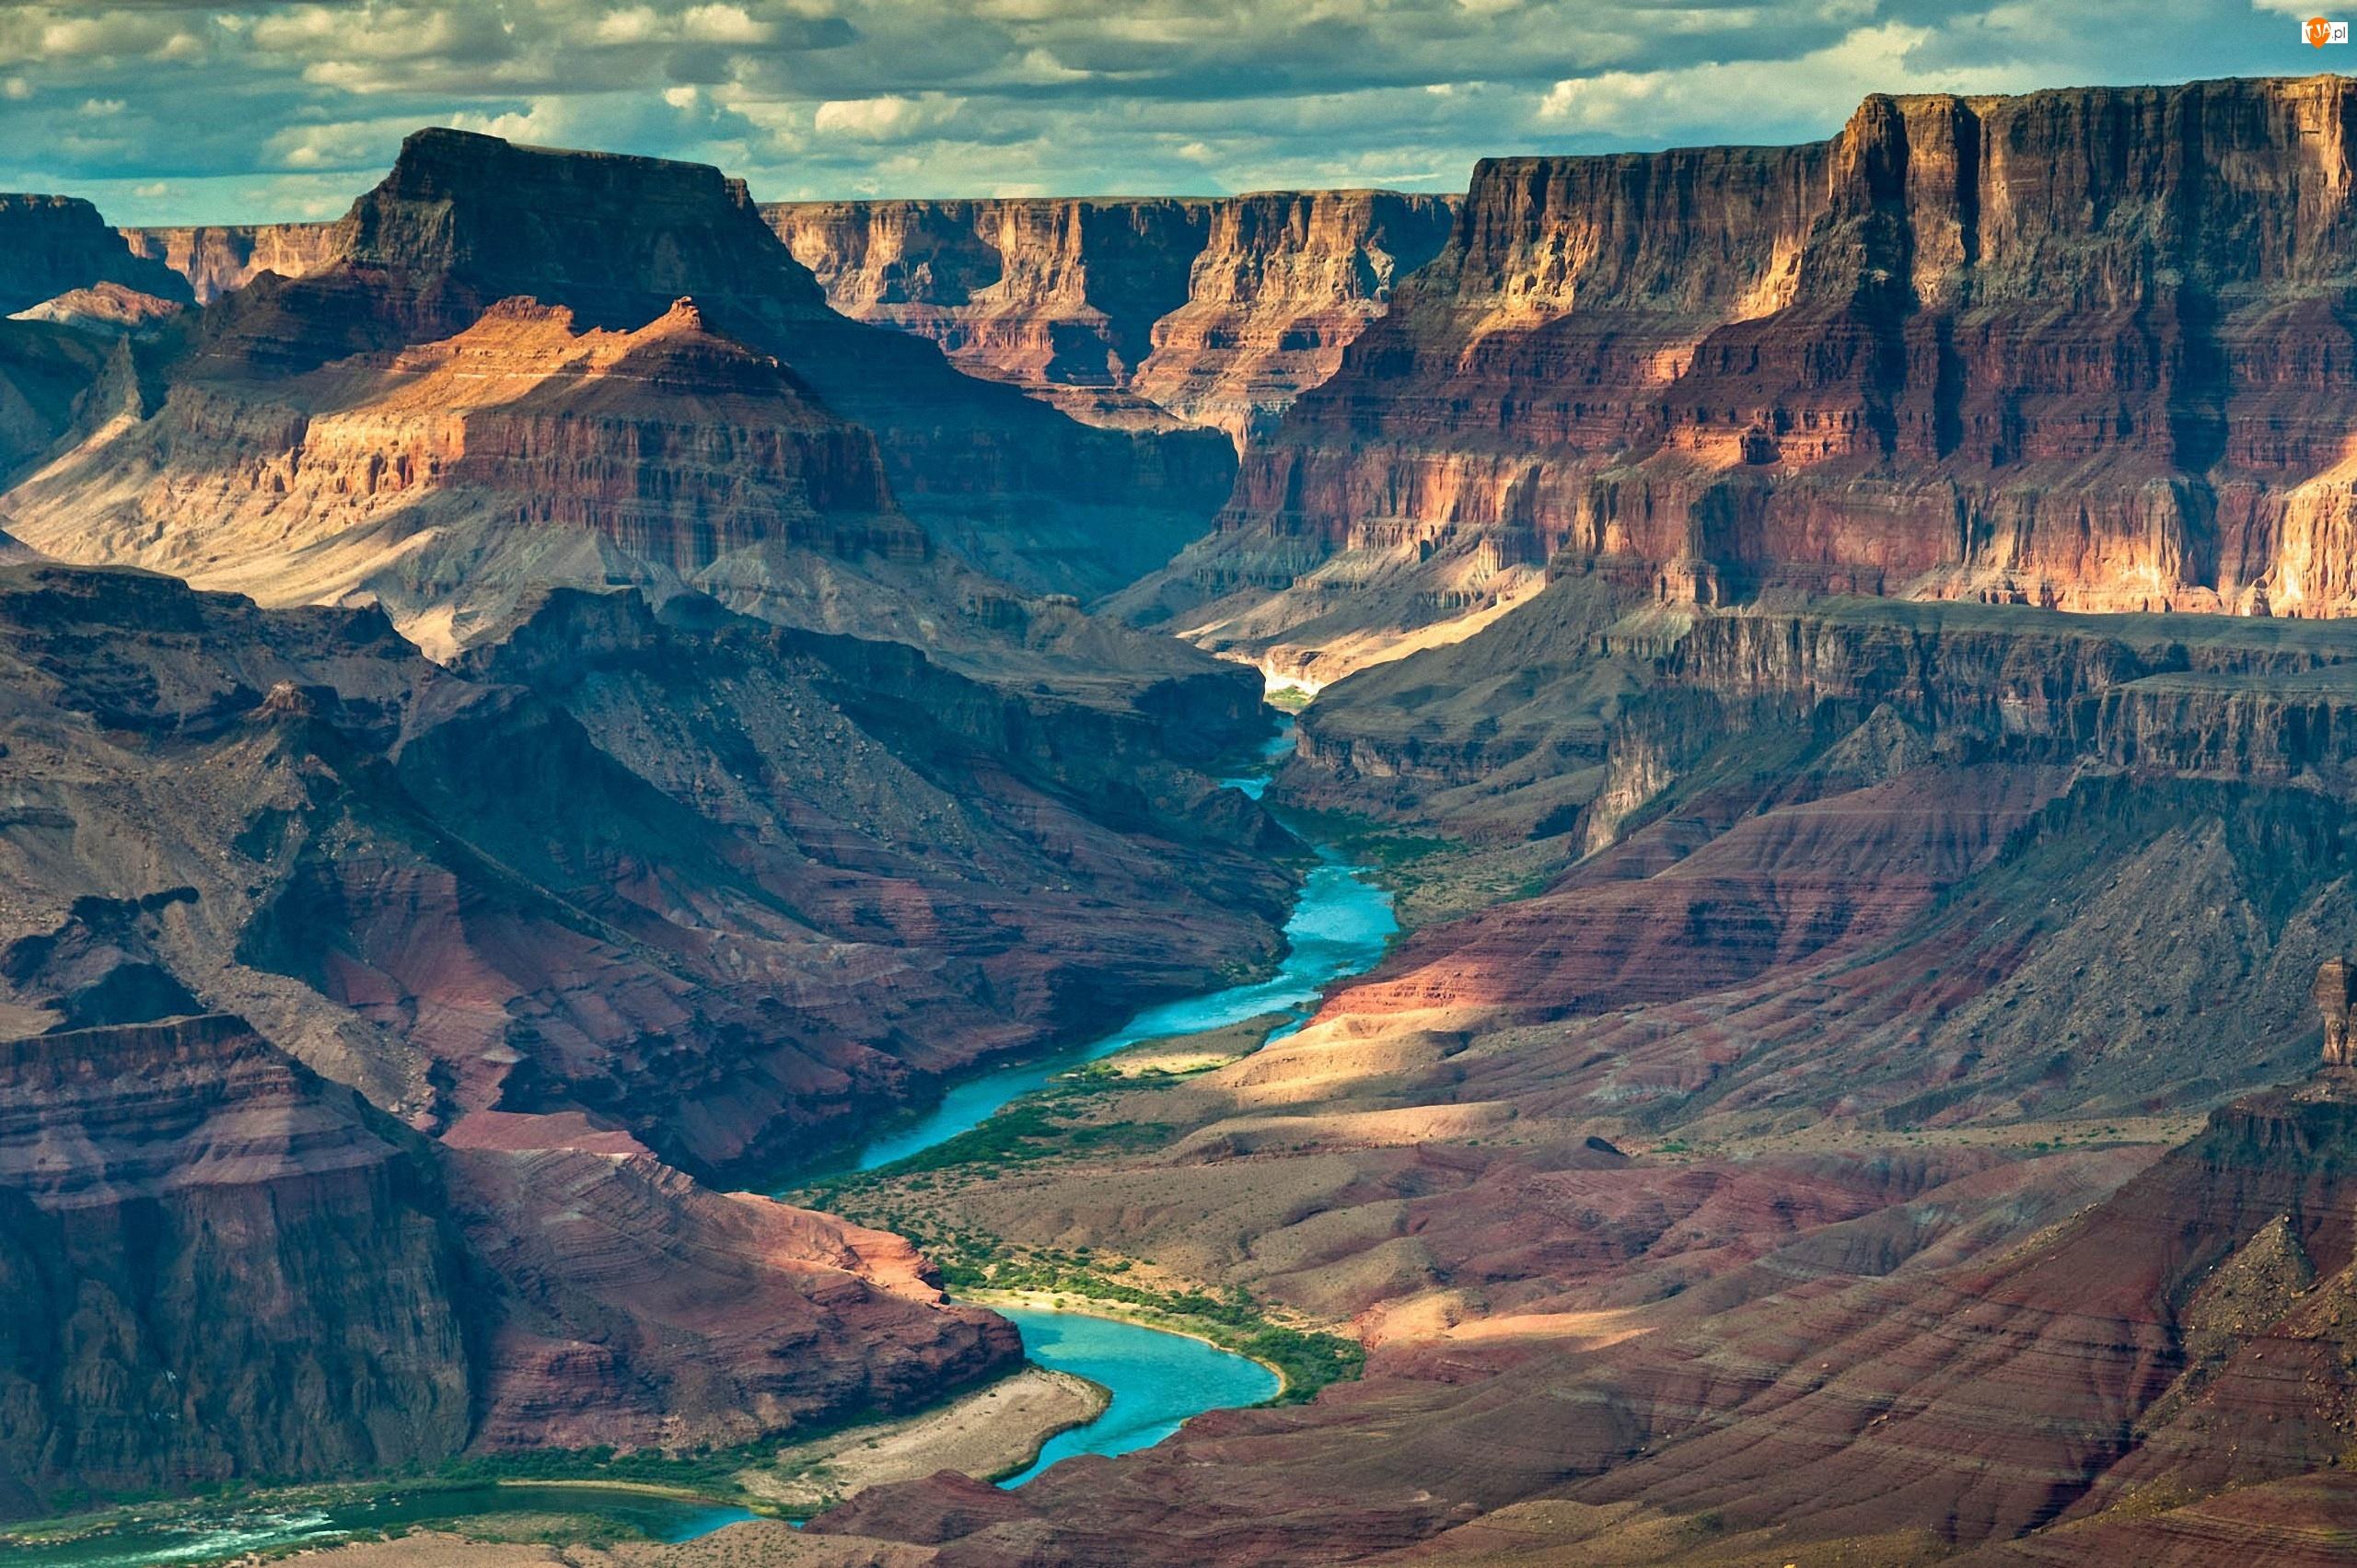 Park Narodowy Wielkiego Kanionu, Kanion, Stany Zjednoczone, Arizona